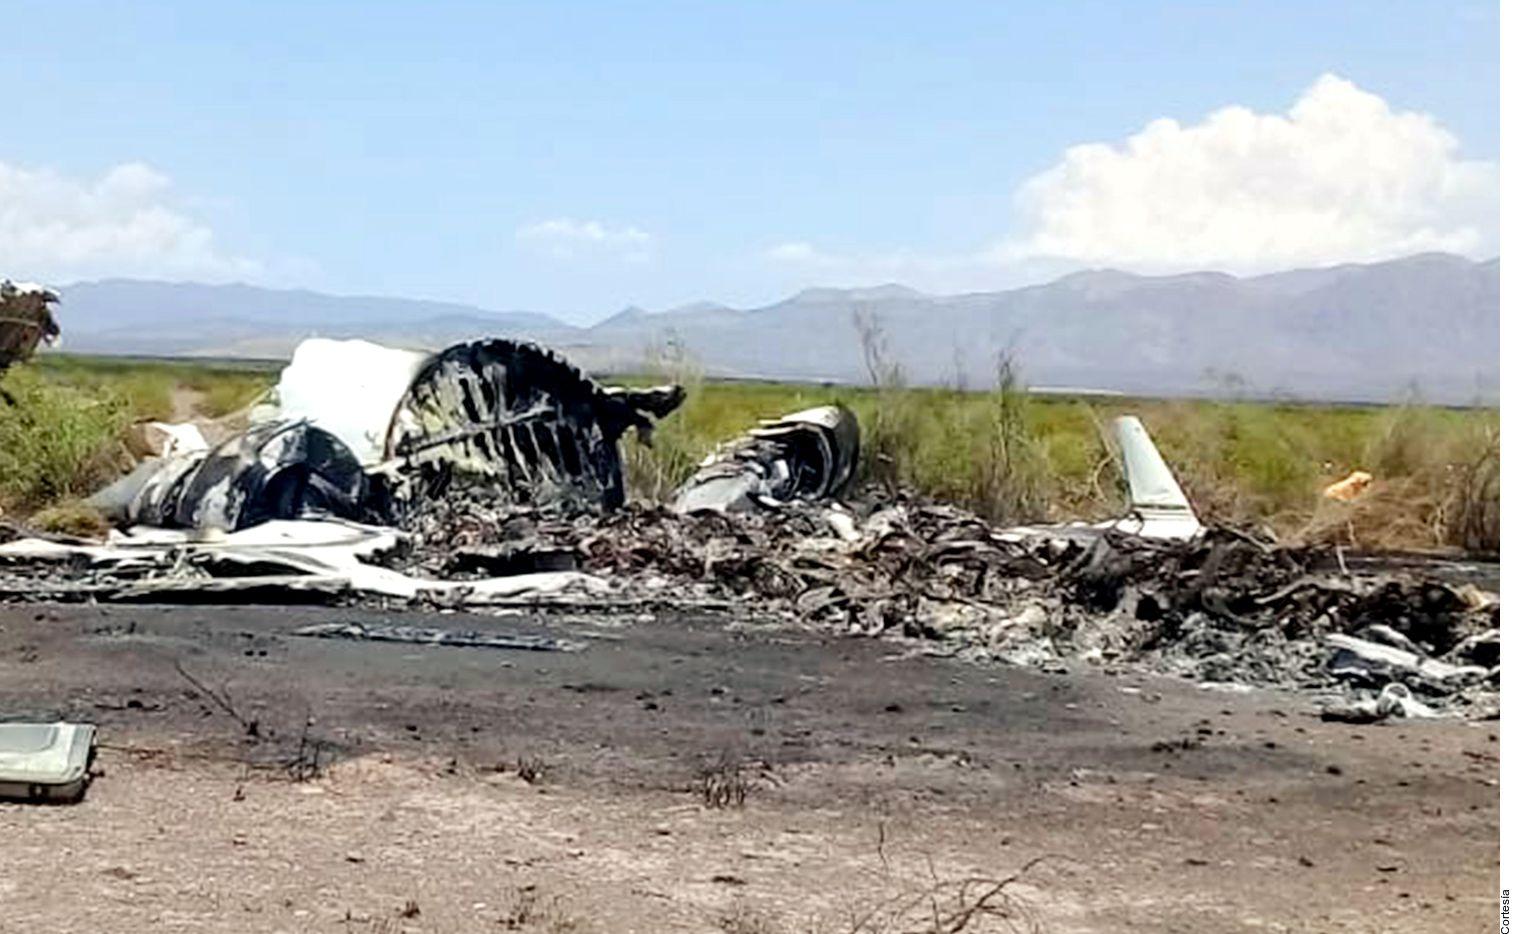 El accidente de la aeronave, en el que murieron integrantes de dos familias, se registró en Ocampo, Coahuila./ AGENCIA REFORMA